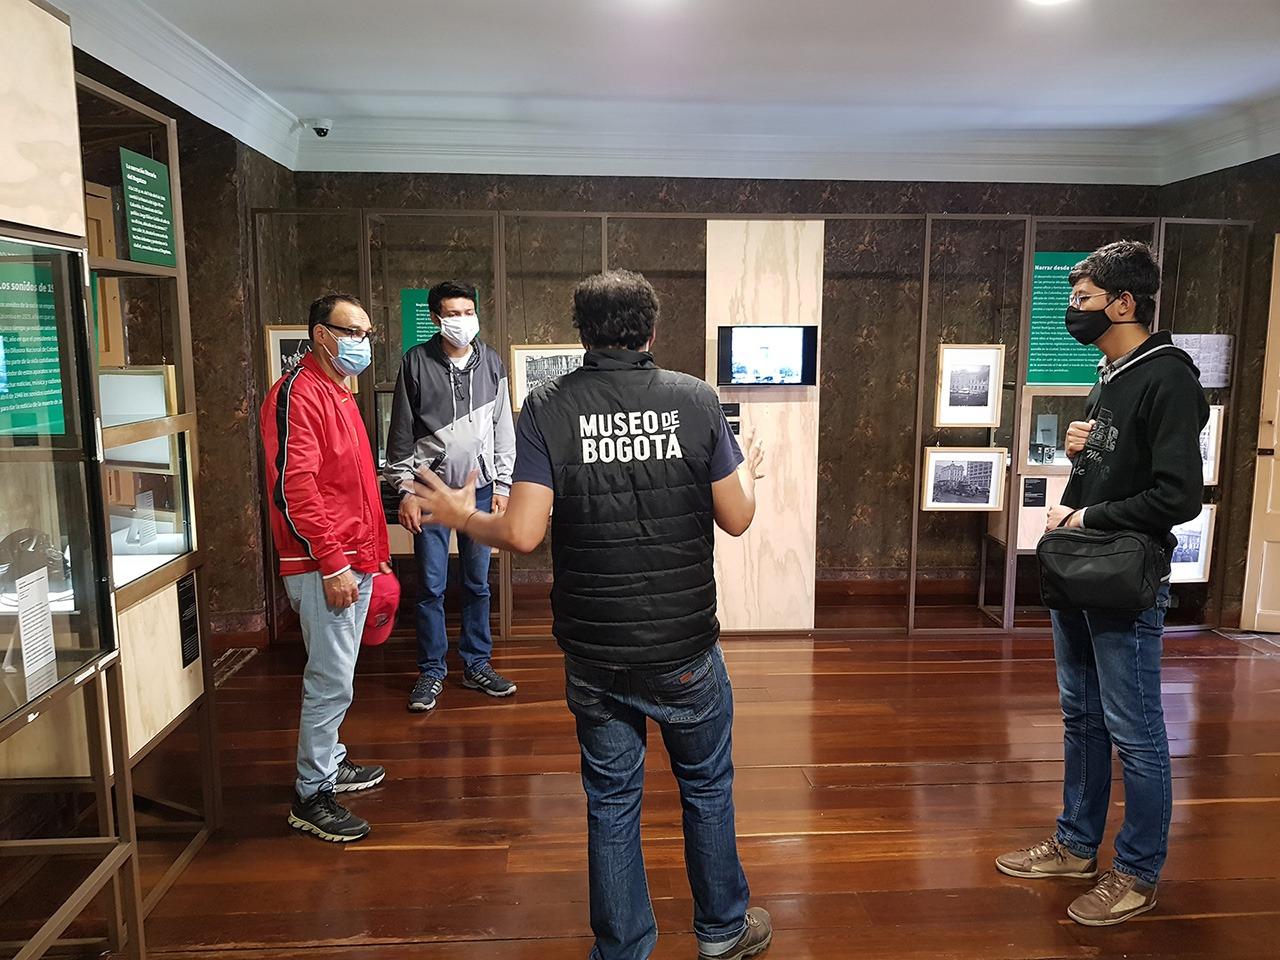 IDPC -Museo de Bogotá - Horario recorridos guiados